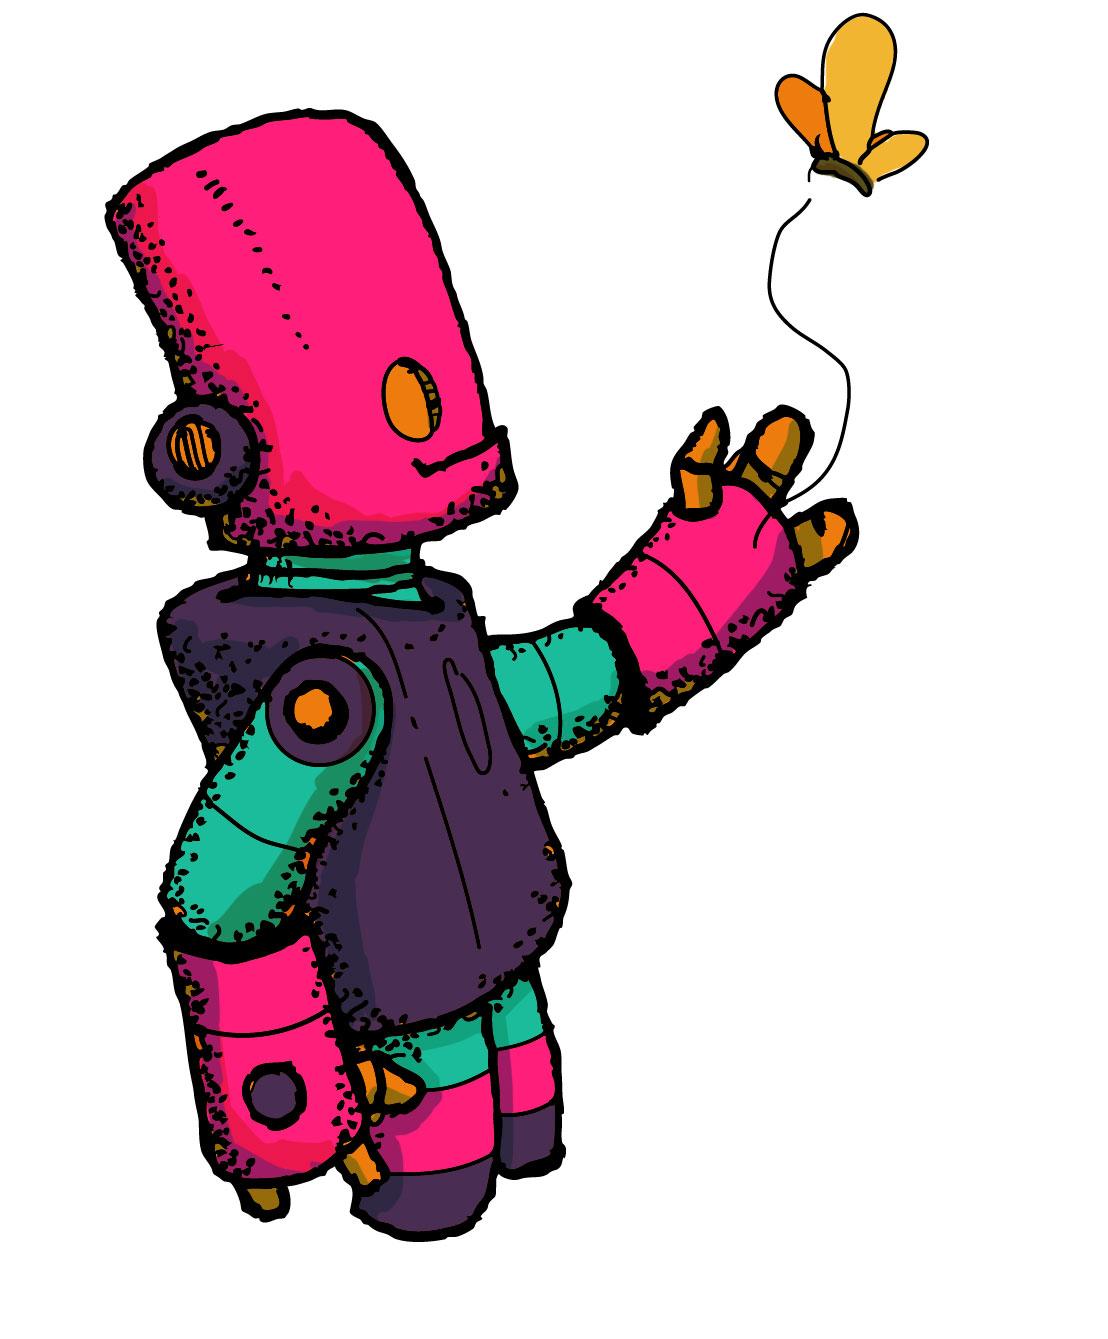 wee-bots-coloring_12.jpg